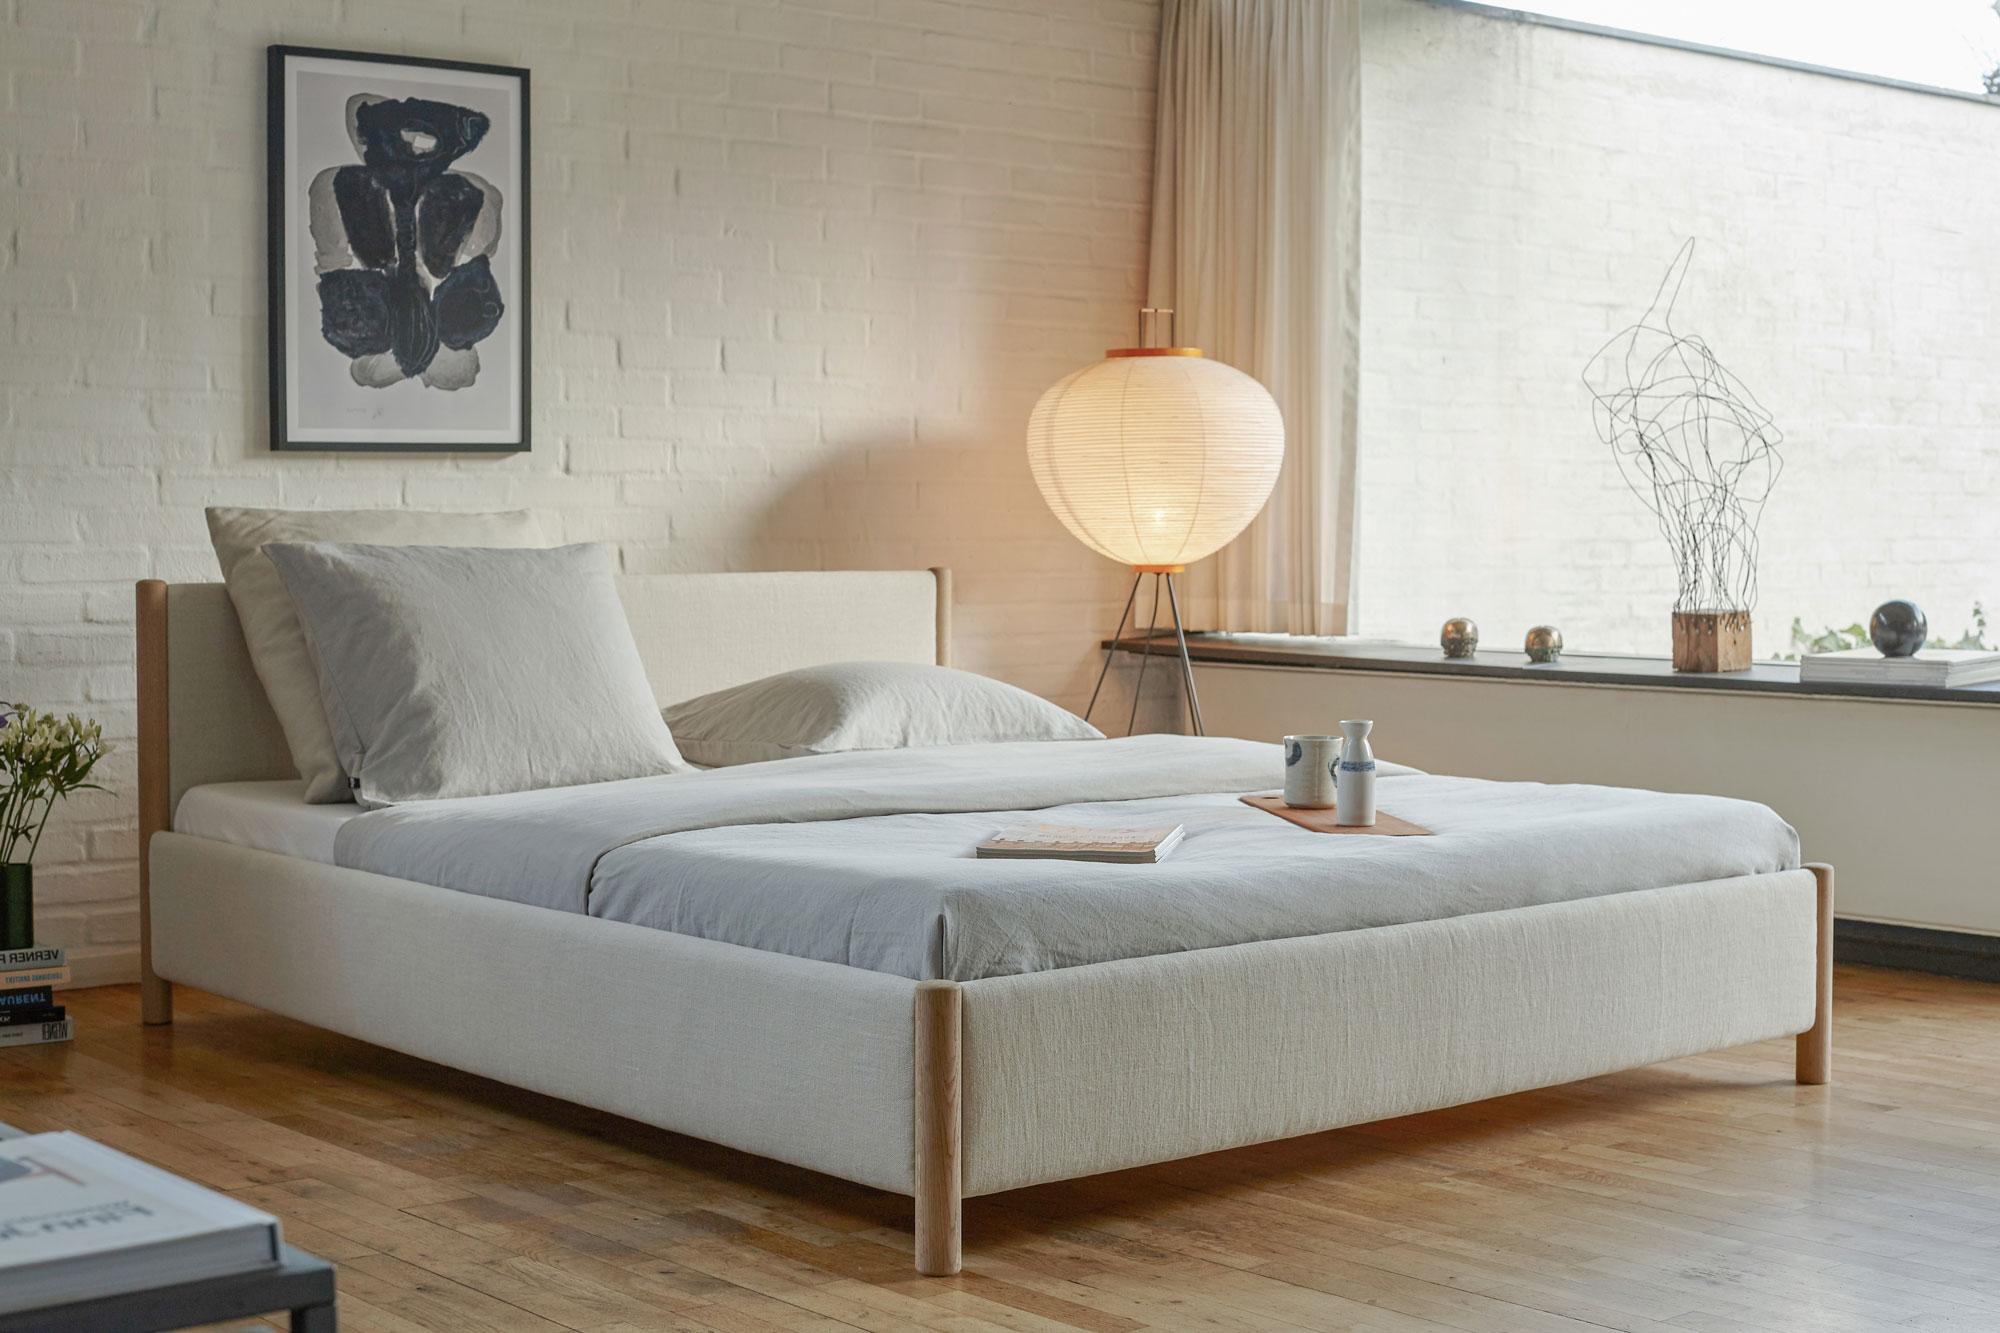 3---VENG-BED---RE-BEDS---DESIGN-BY-OLIVER-&-LUKAS-WEISSKROGH.jpg